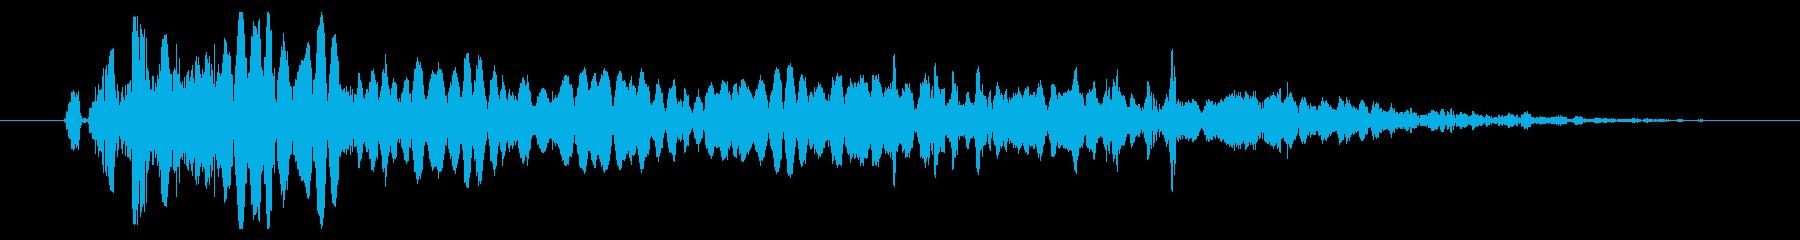 プラズマパワーフェイルバーストの再生済みの波形